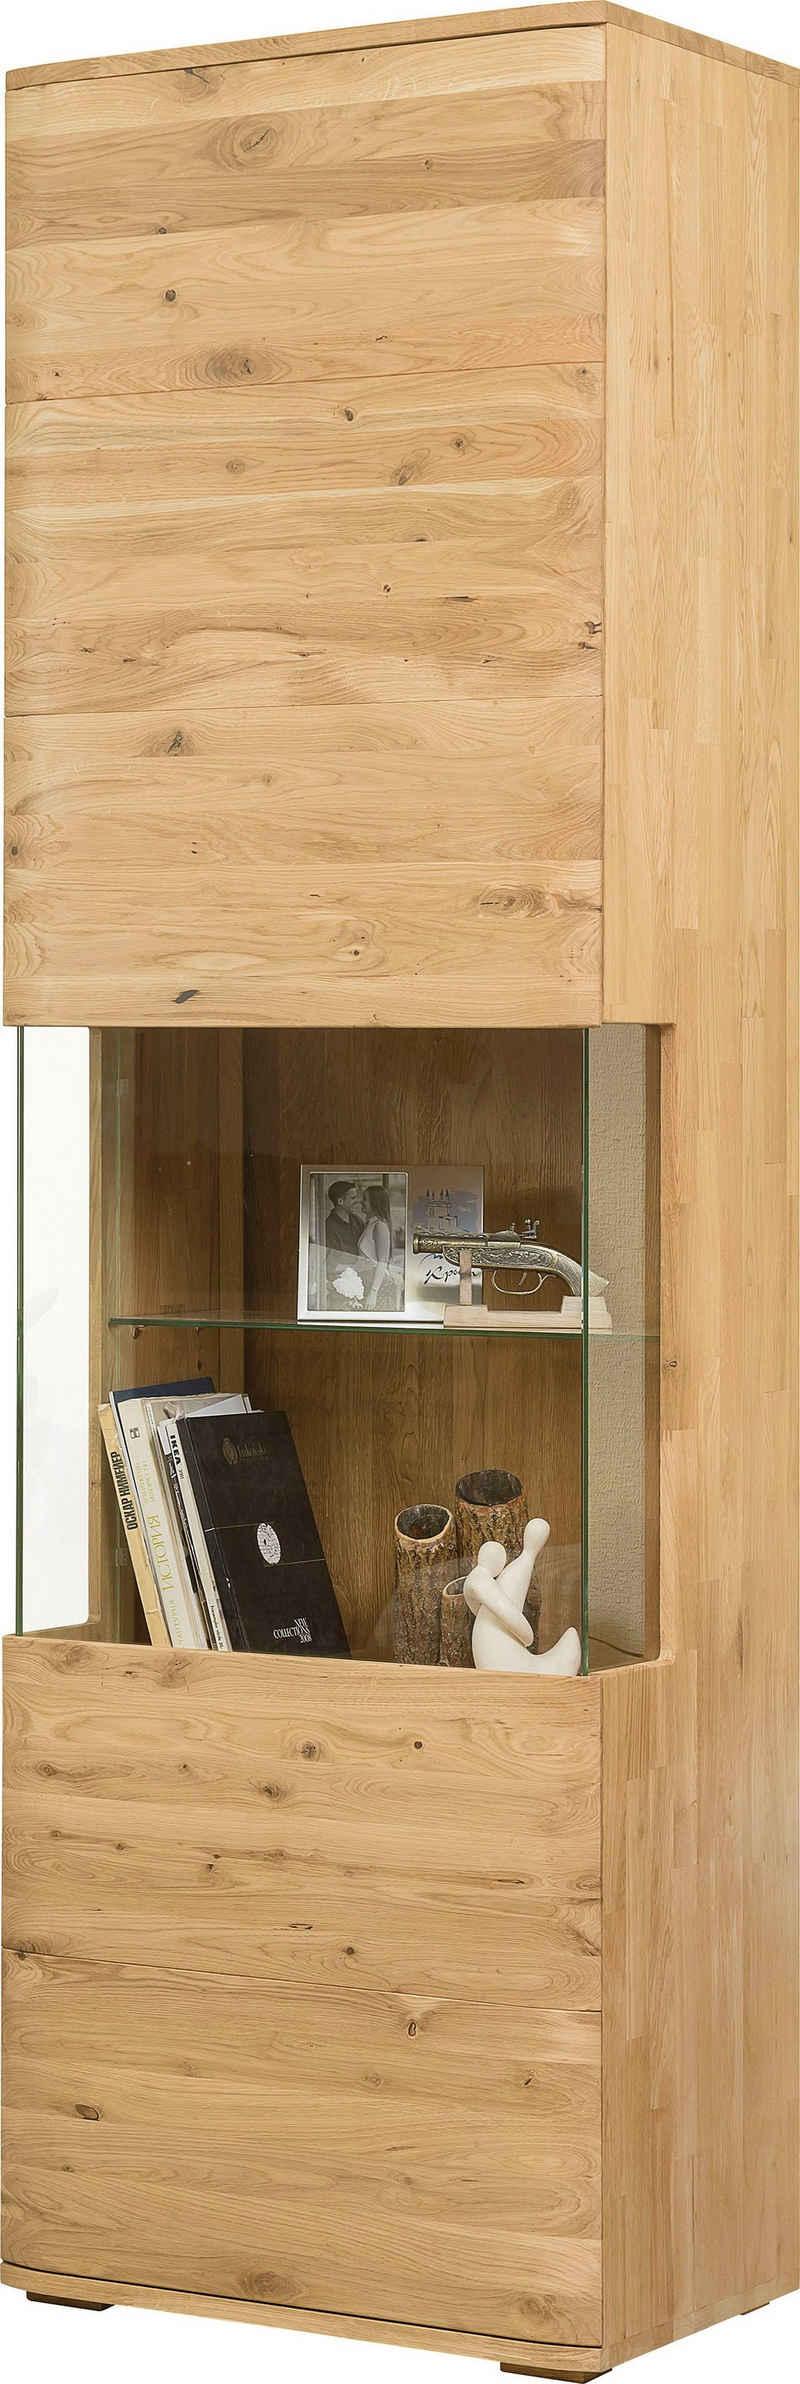 andas Vitrine »Milton« Tür und Seitenwand mit Glaseinsatz, aus massiven Eichenholz, mit einer Push-To-Open-, und einer Soft-Close-Funktion, Breite 60 cm